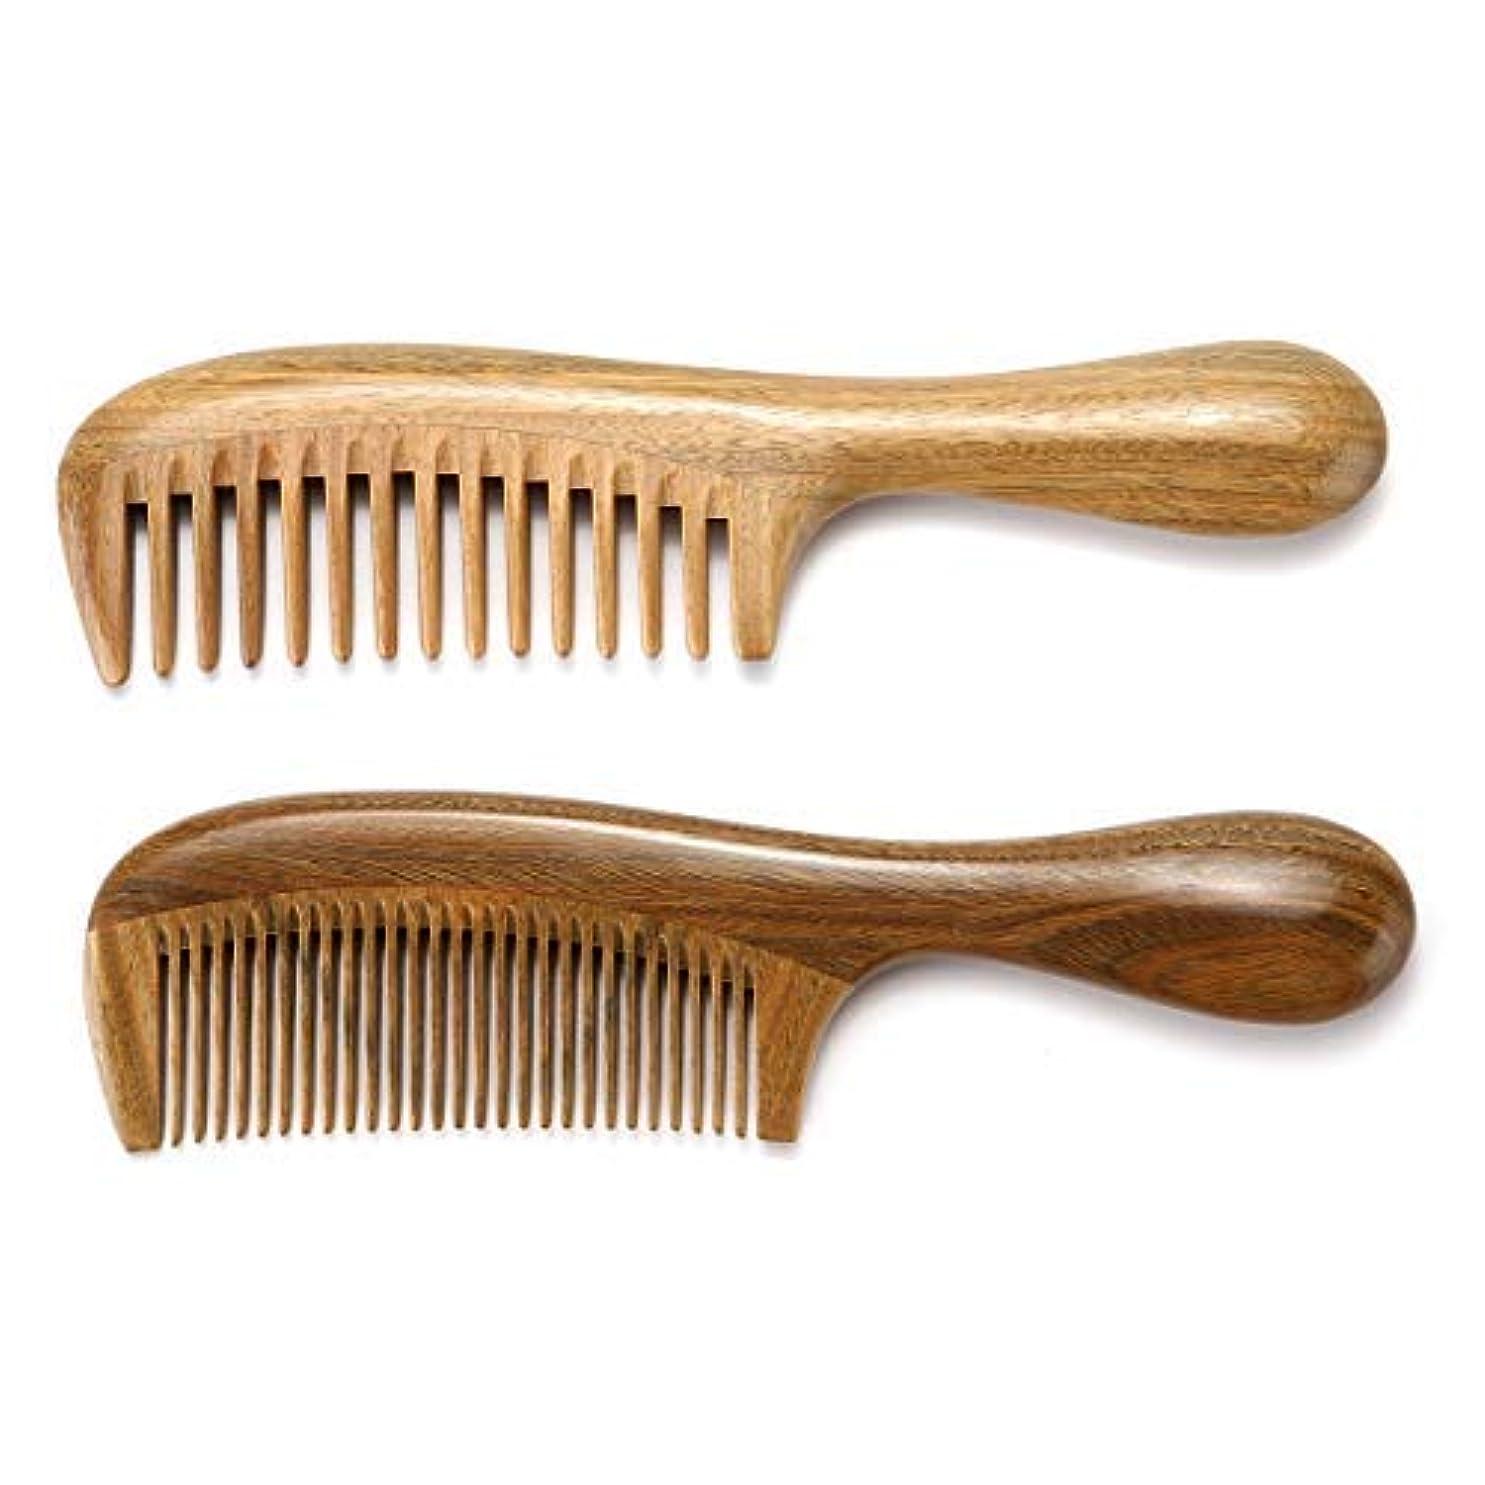 スリップシューズ構成員賞賛Handmade Wooden Hair Comb Set Gift Box Natural Green Sandalwood Anti-Static Fine & Wide Tooth Hair Combs for Men...